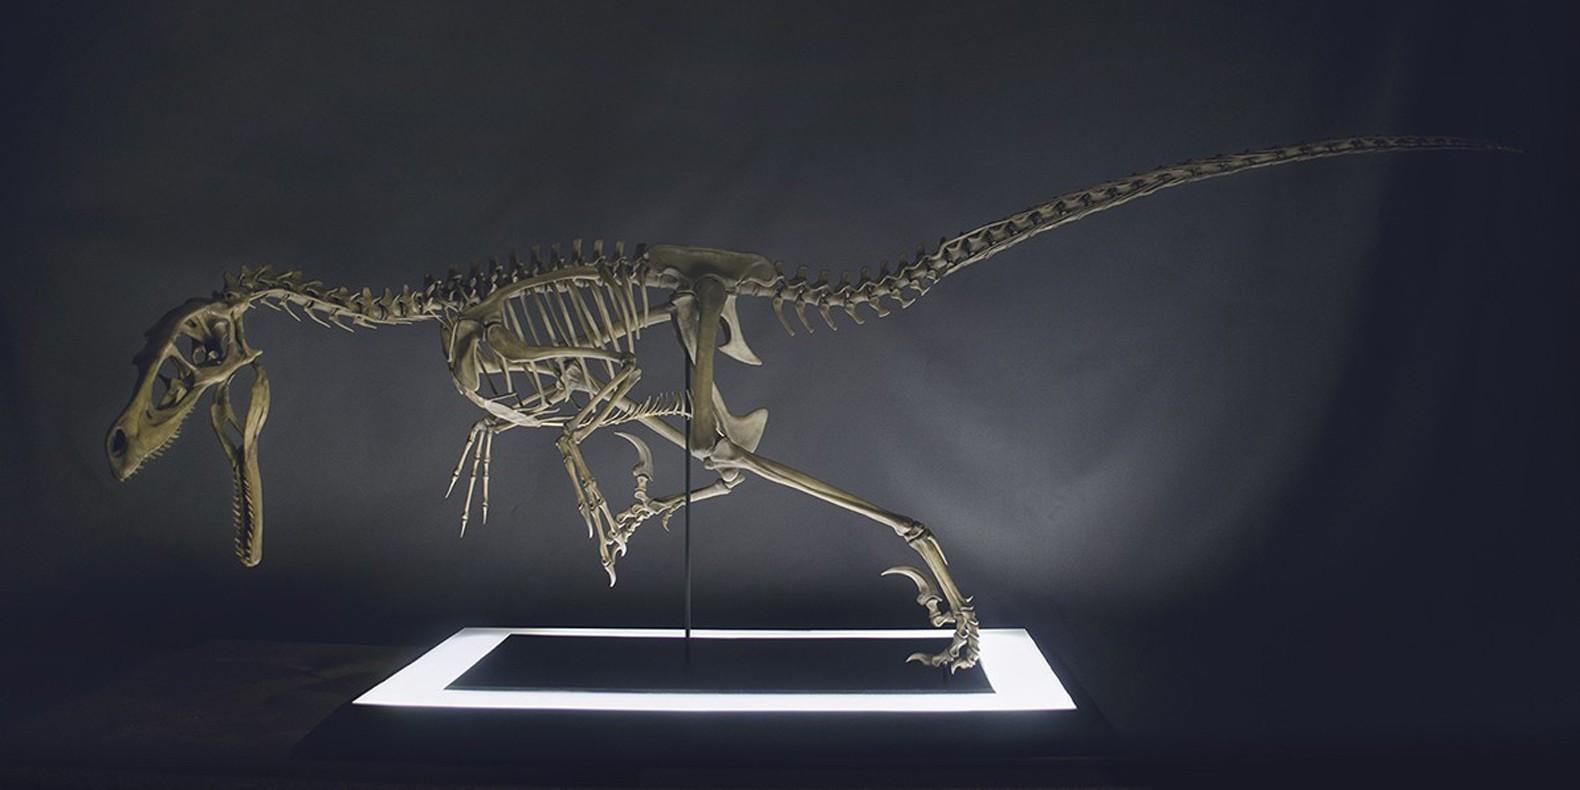 Encuentra aquí una selección de los mejores modelos 3D de dinosaurios imprimibles 3D